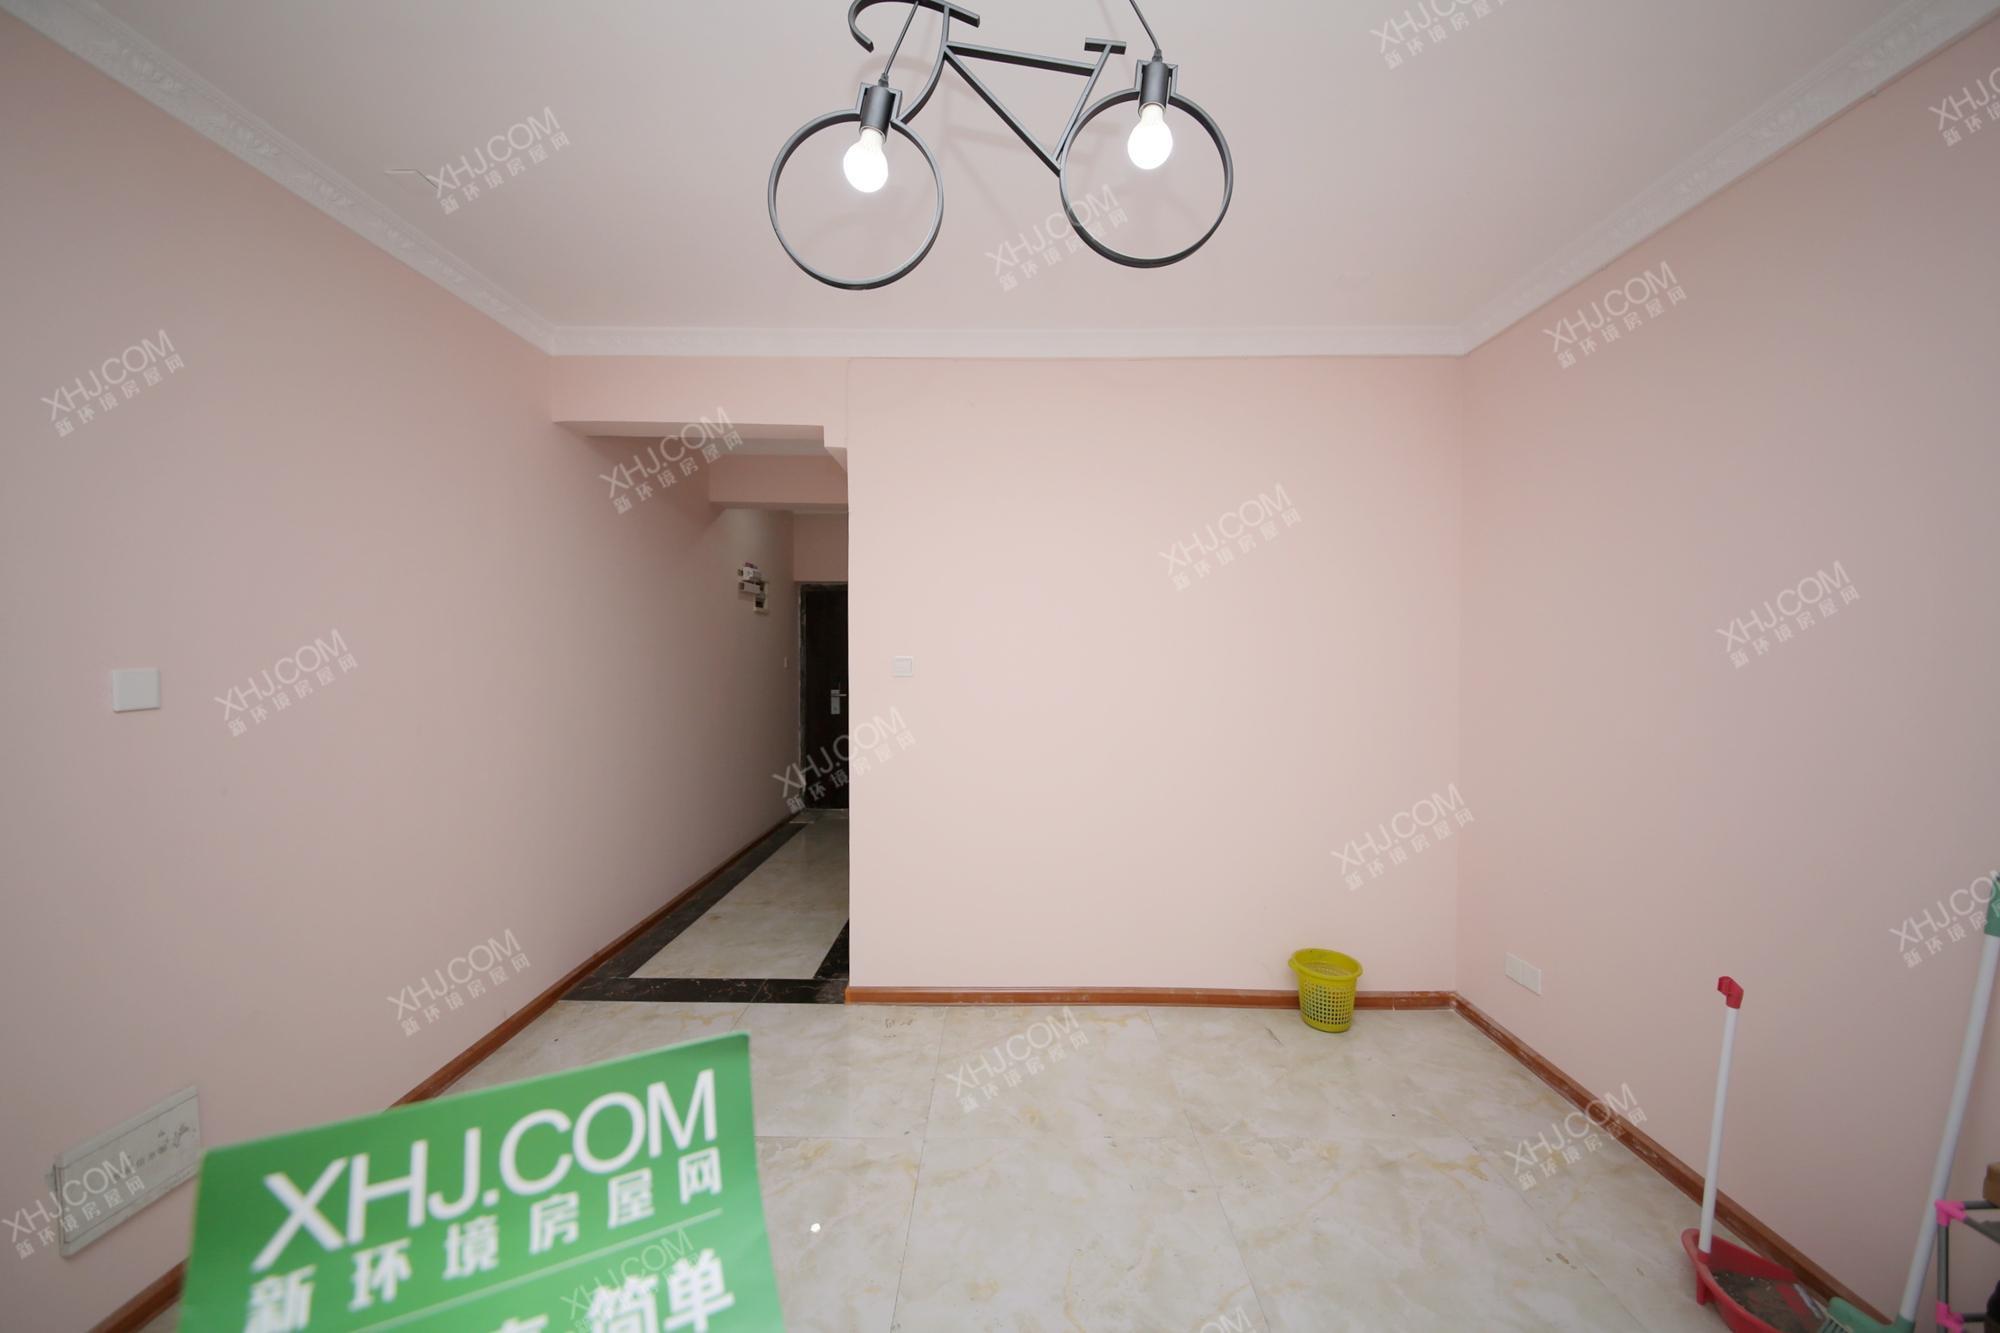 上海城小区  3室2厅2卫    125.0万